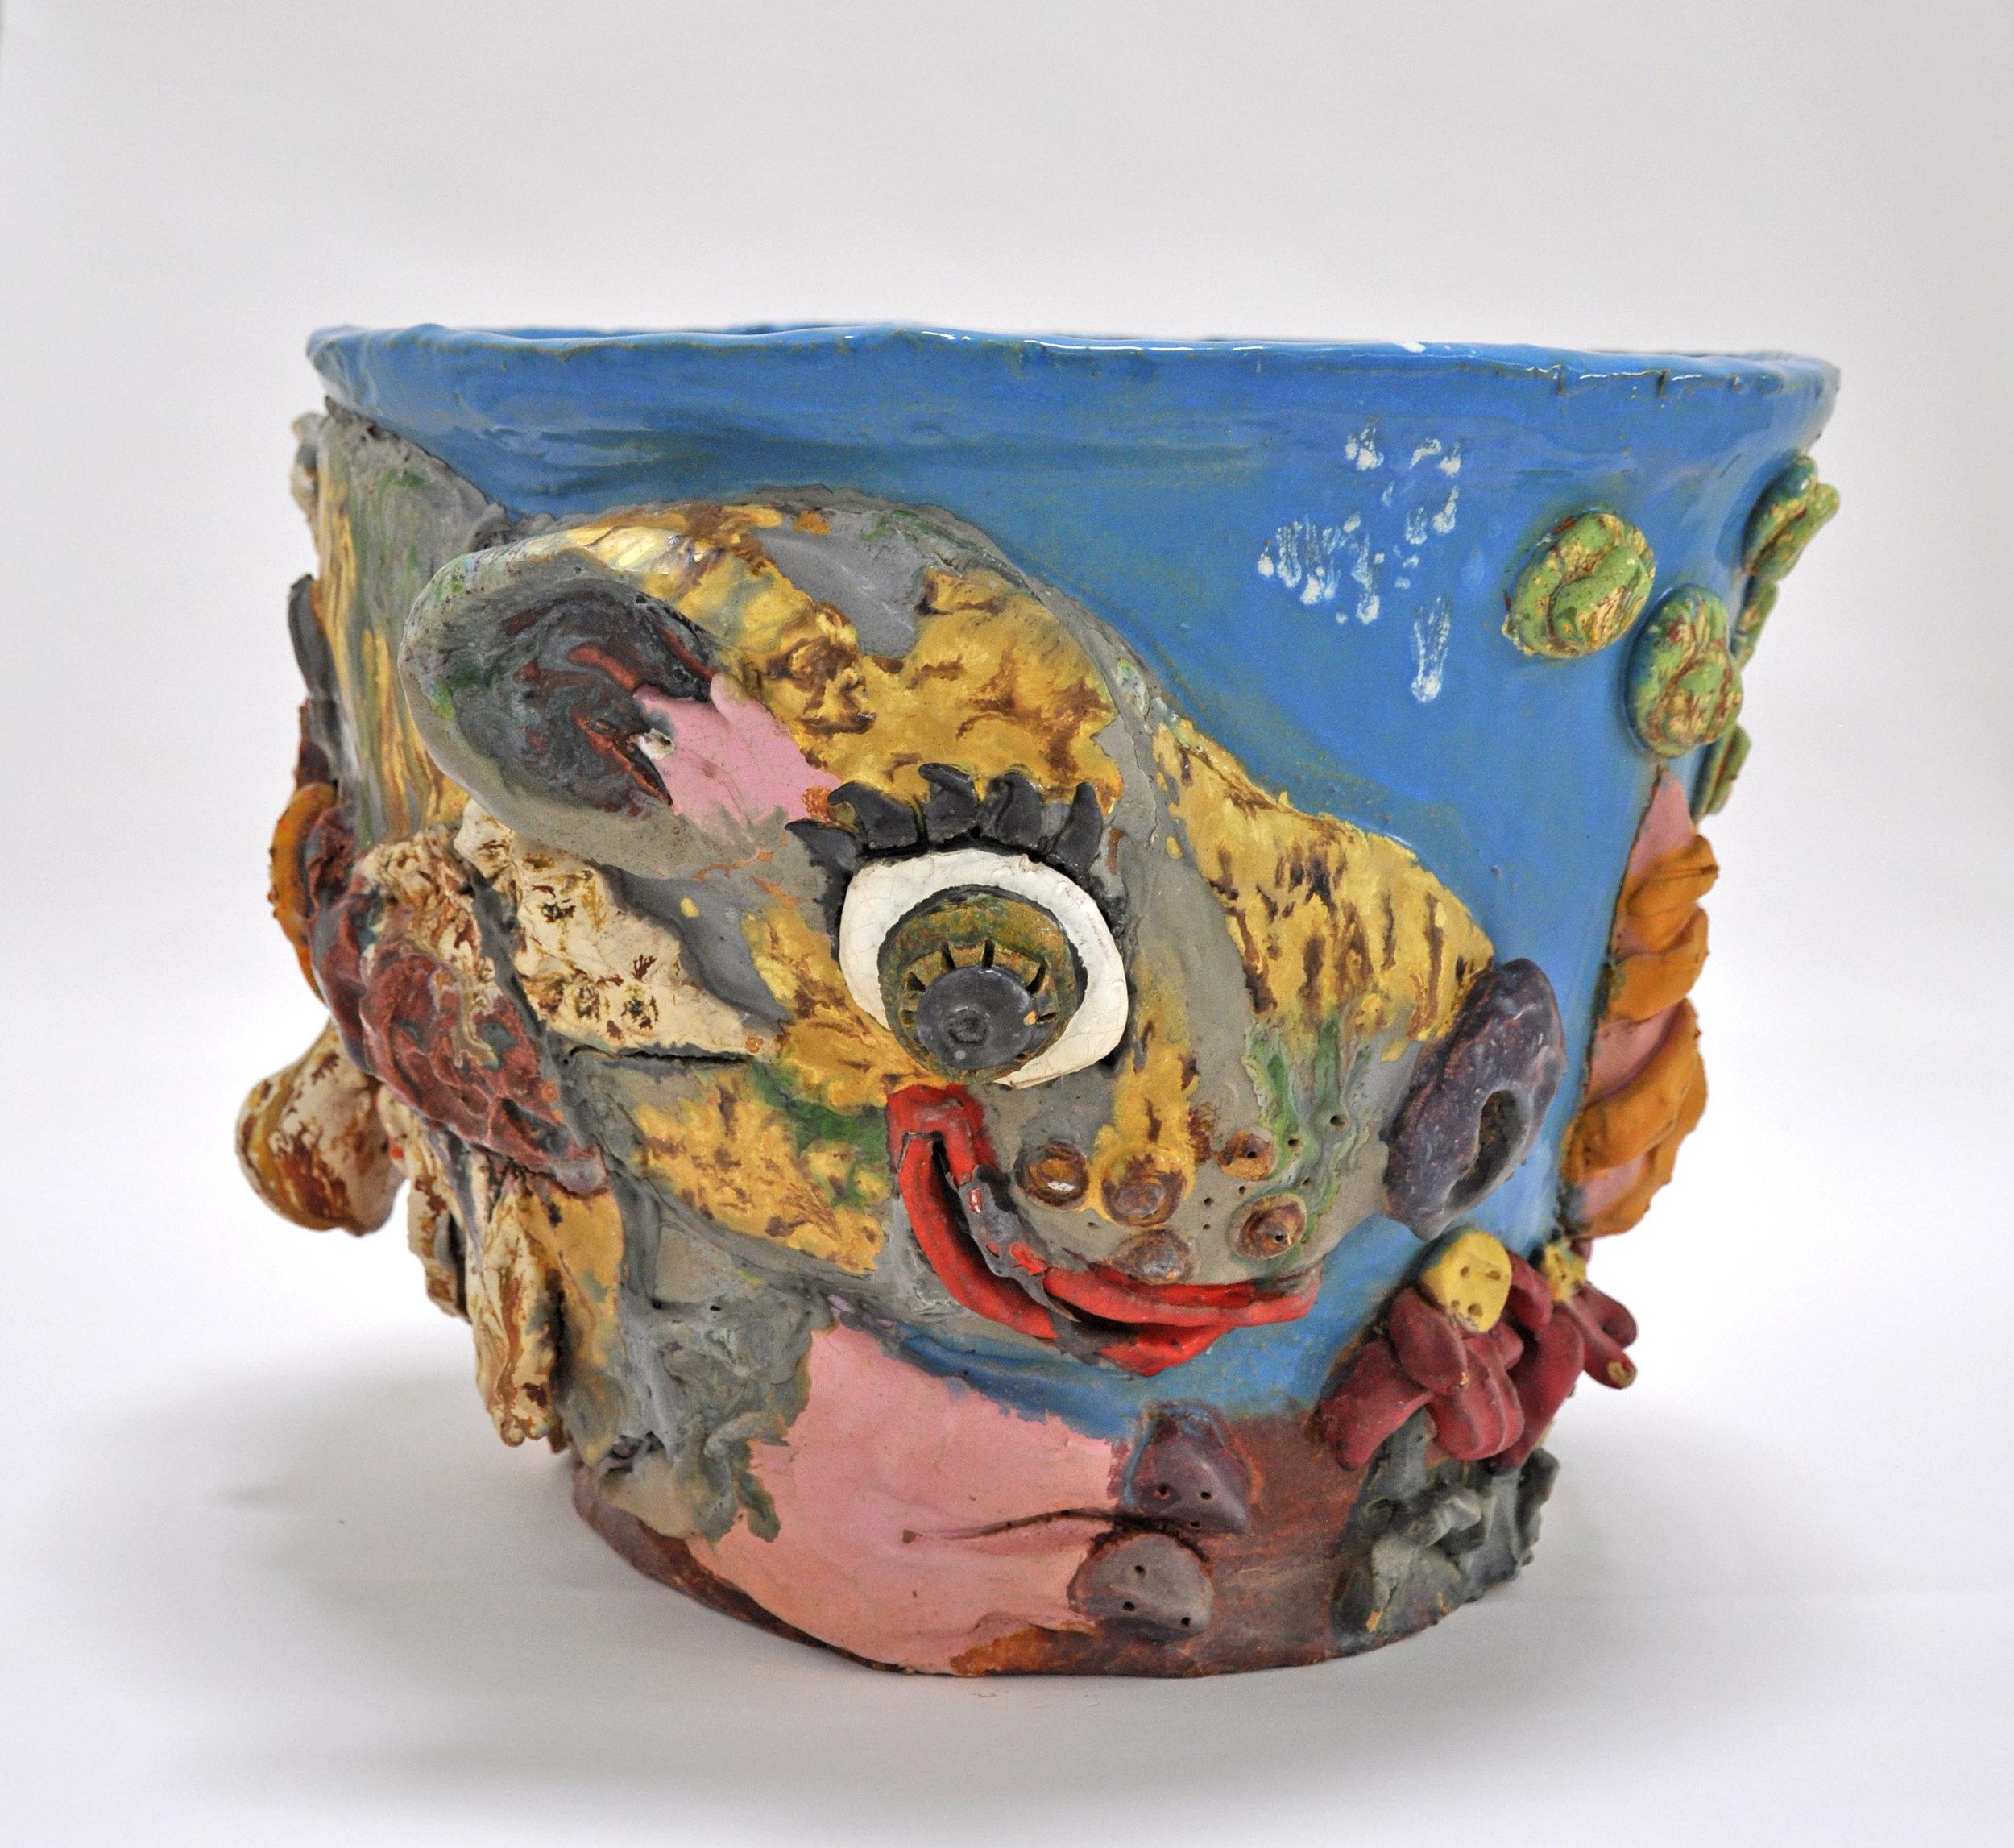 """Maija Peeples-Bright, """"Animal Pot"""", glazed ceramic, 13 x 16 x 17 in"""